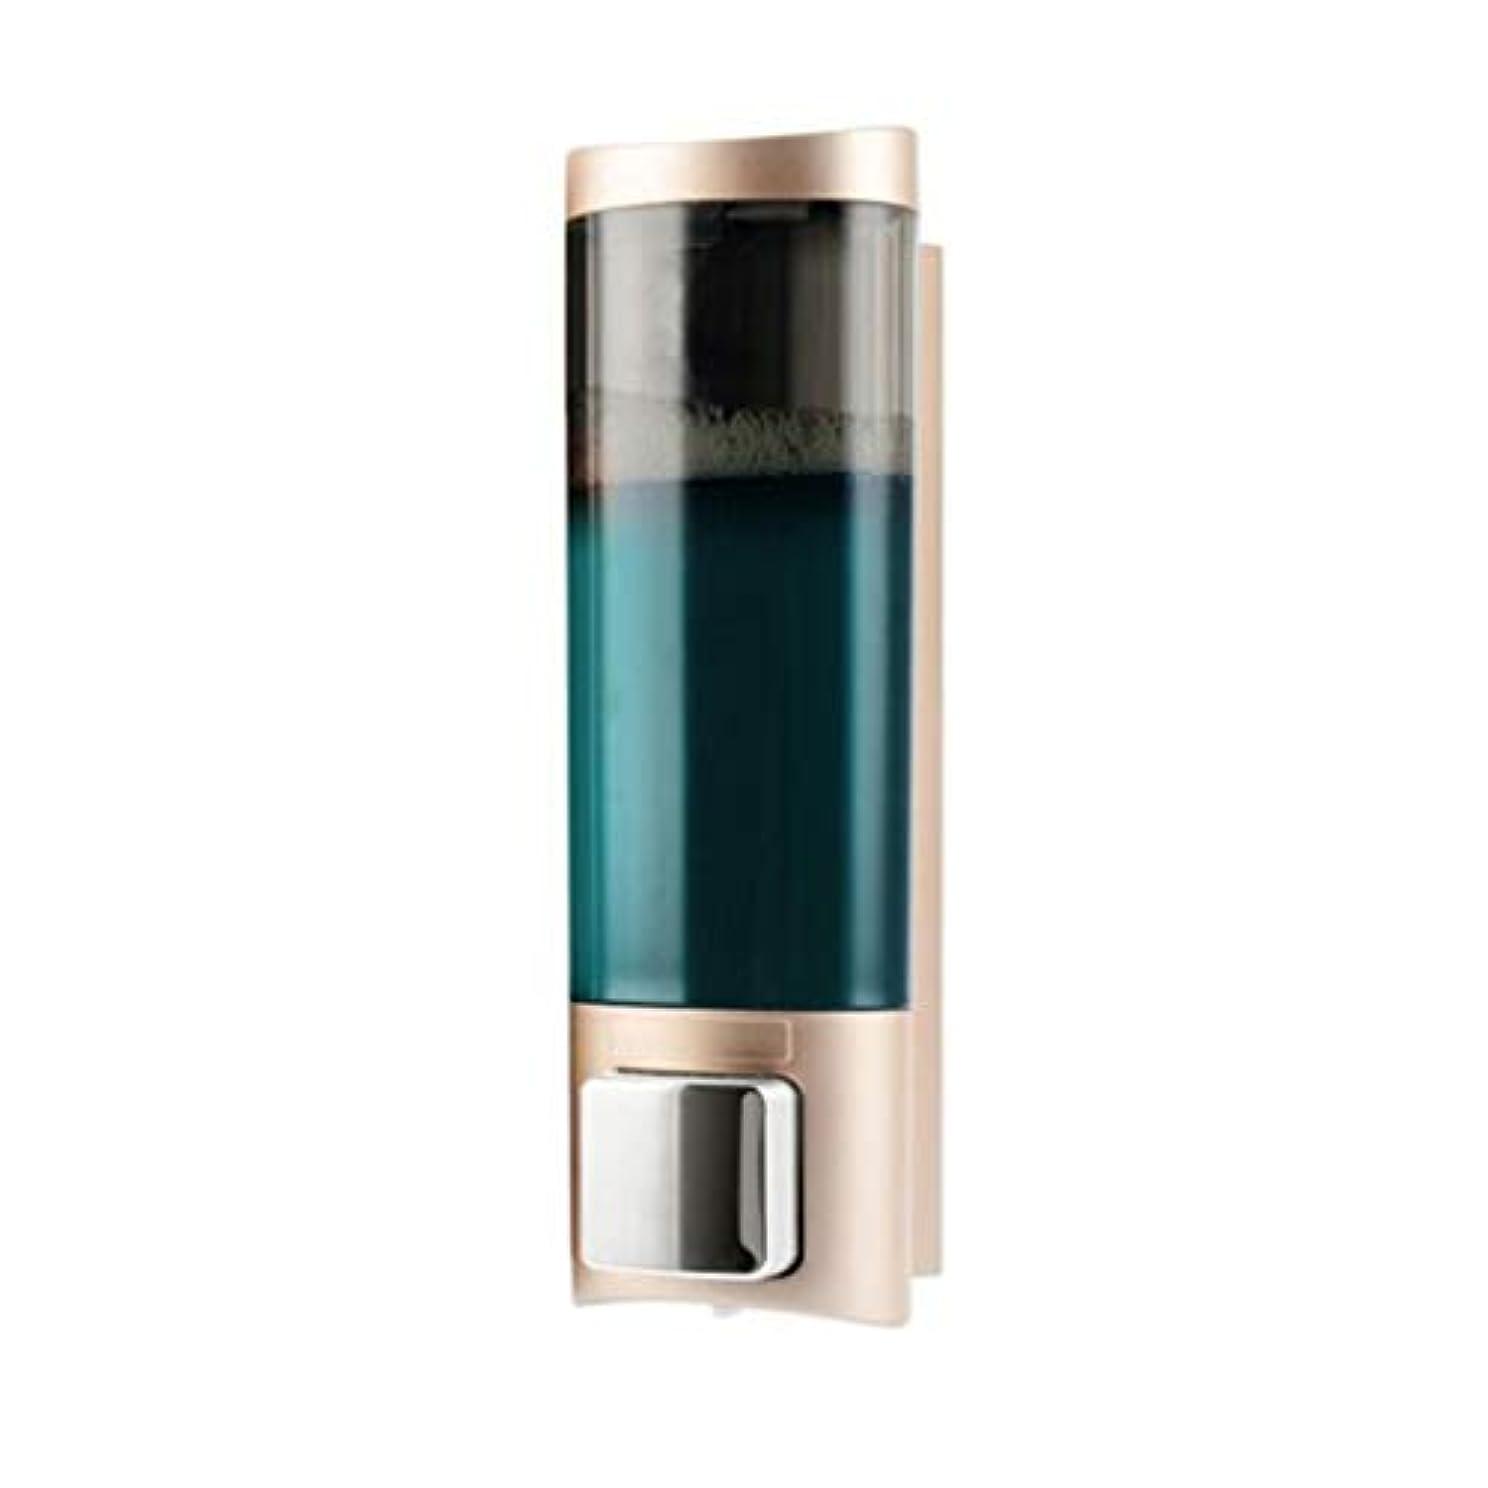 遷移イソギンチャク広々Kylinssh 液体石鹸ディスペンサーポンプ、浴室または台所、家のホテル - ステンレス鋼のために理想的な壁の台紙の石鹸/ローションディスペンサーポンプ